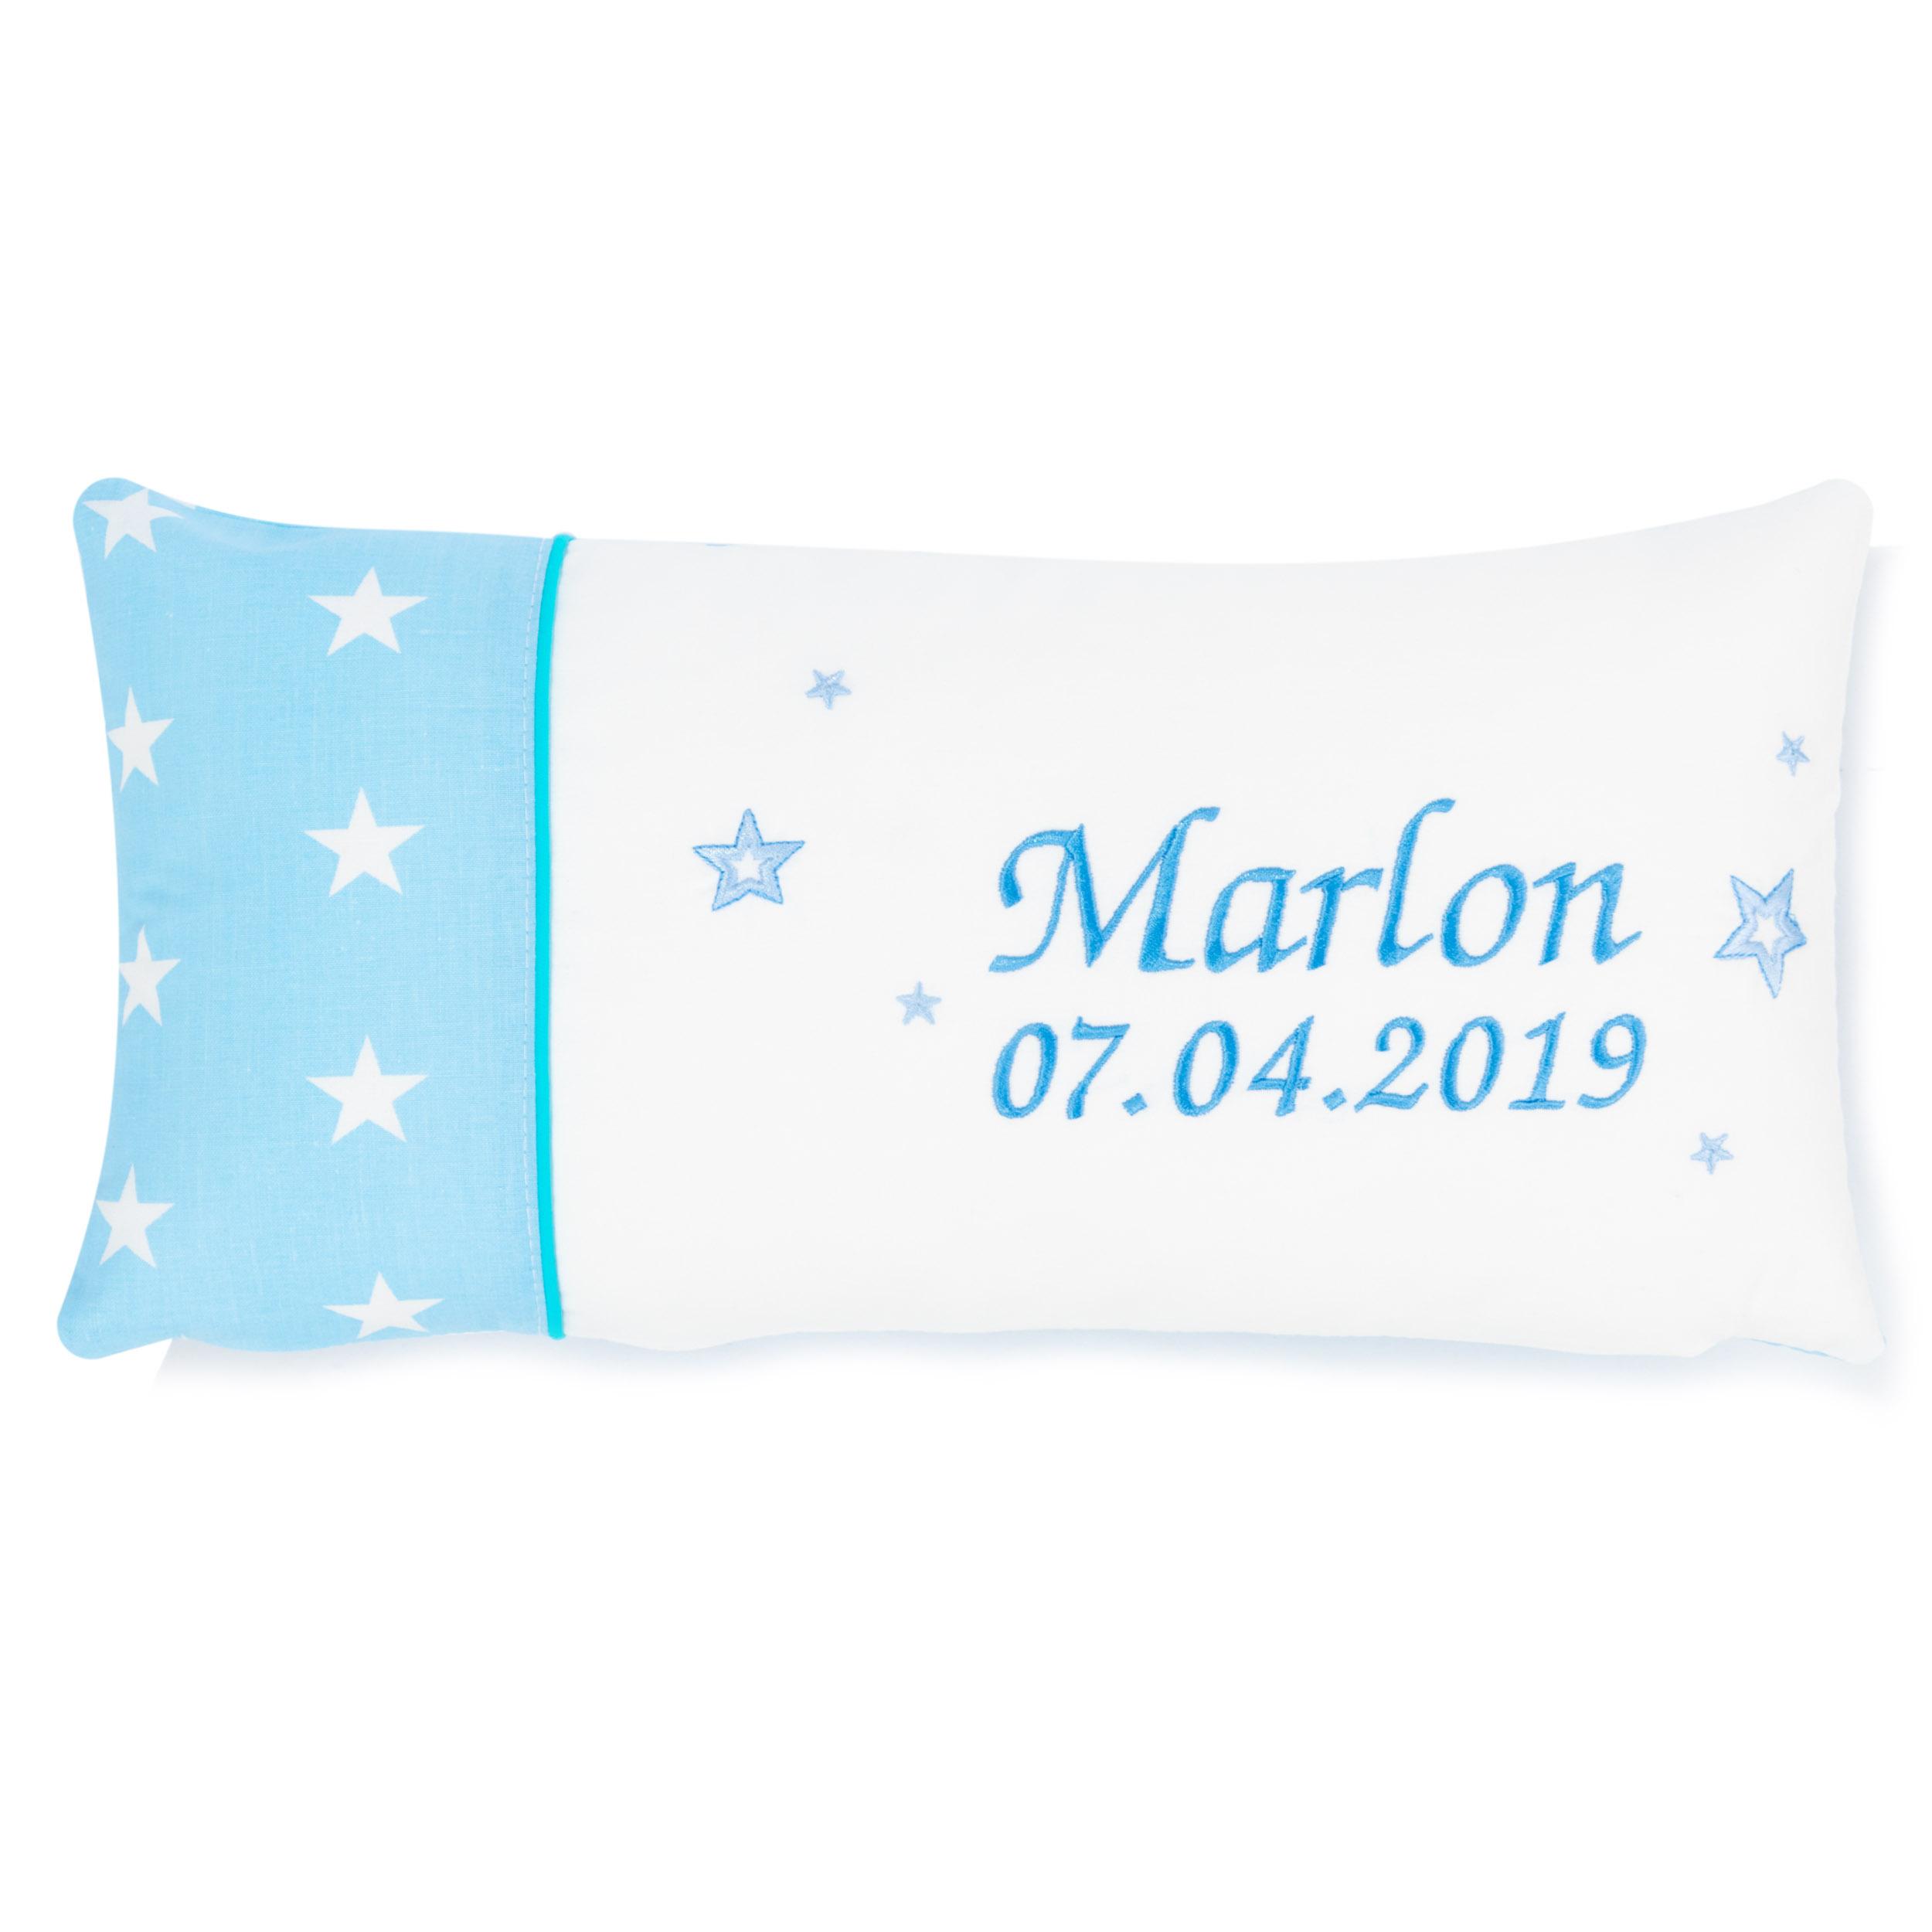 Kissen 40 x 20 cm mit Namen Datum Sternchen Hellblau Weiß